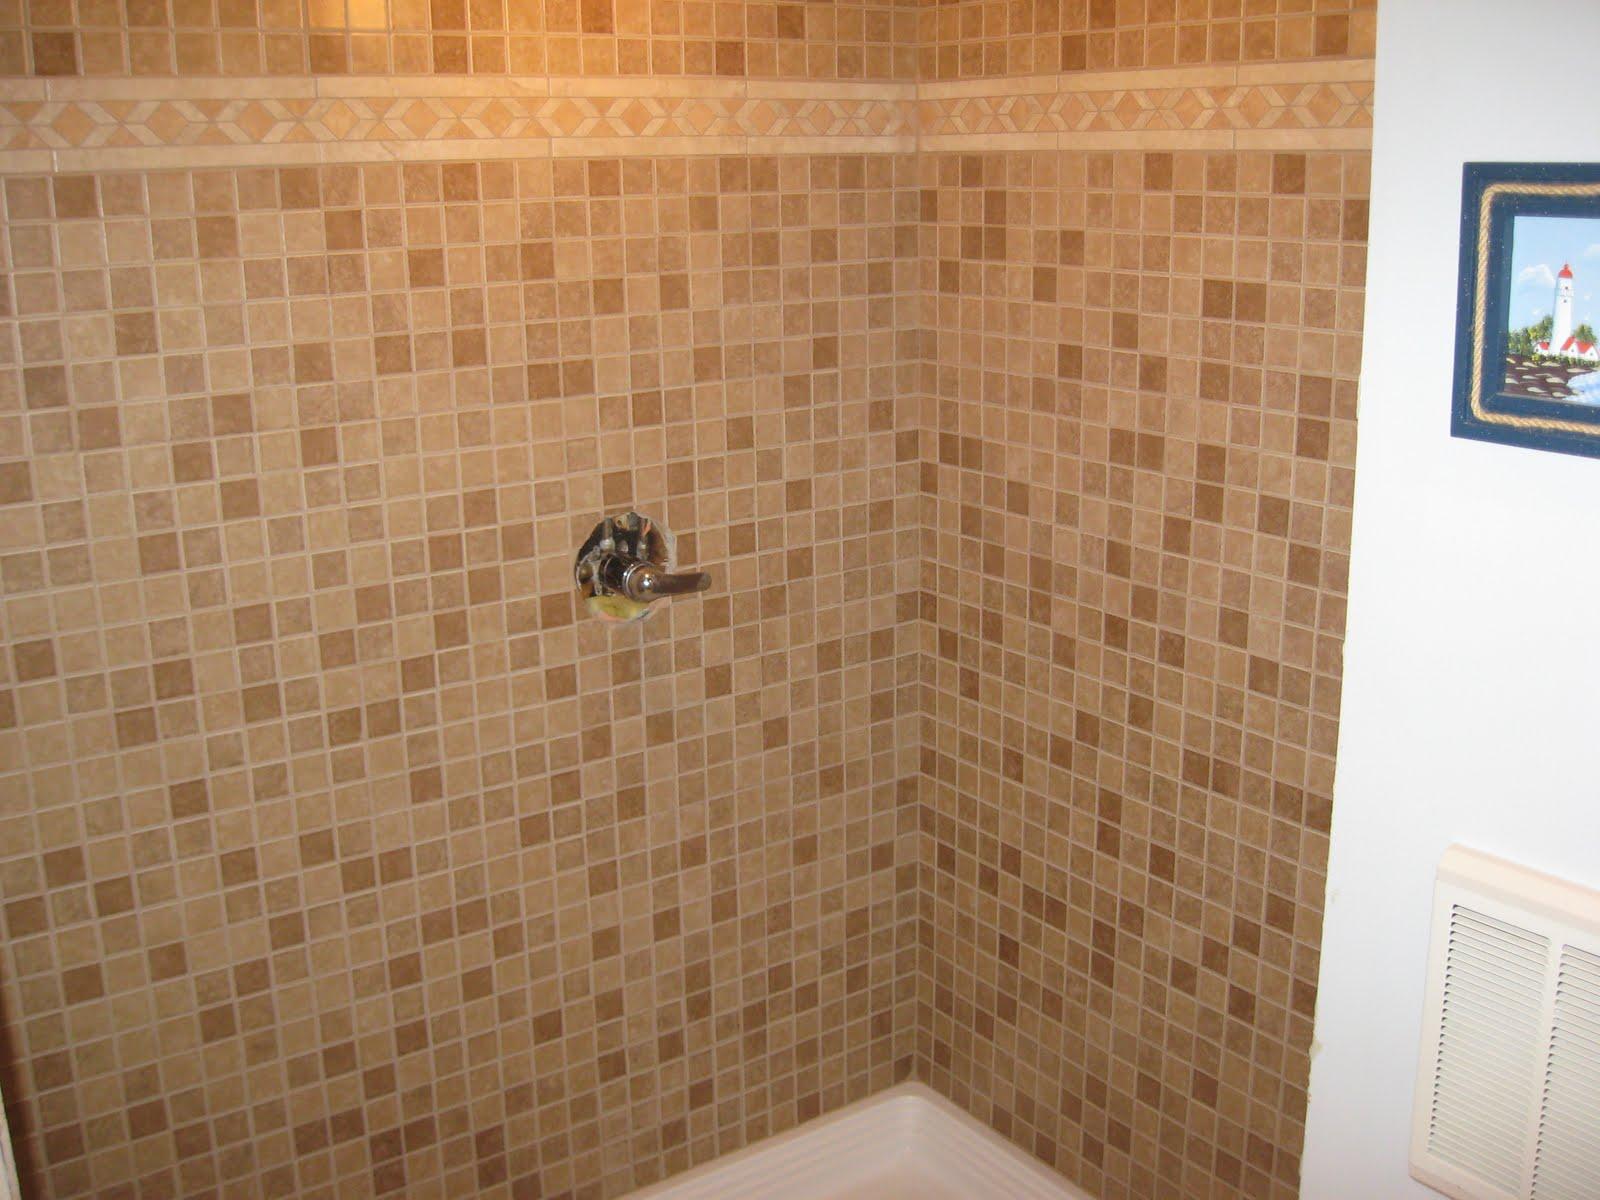 Mosaic Tile Shower: Surprisingly 21 Images Mosaic Tiles Shower